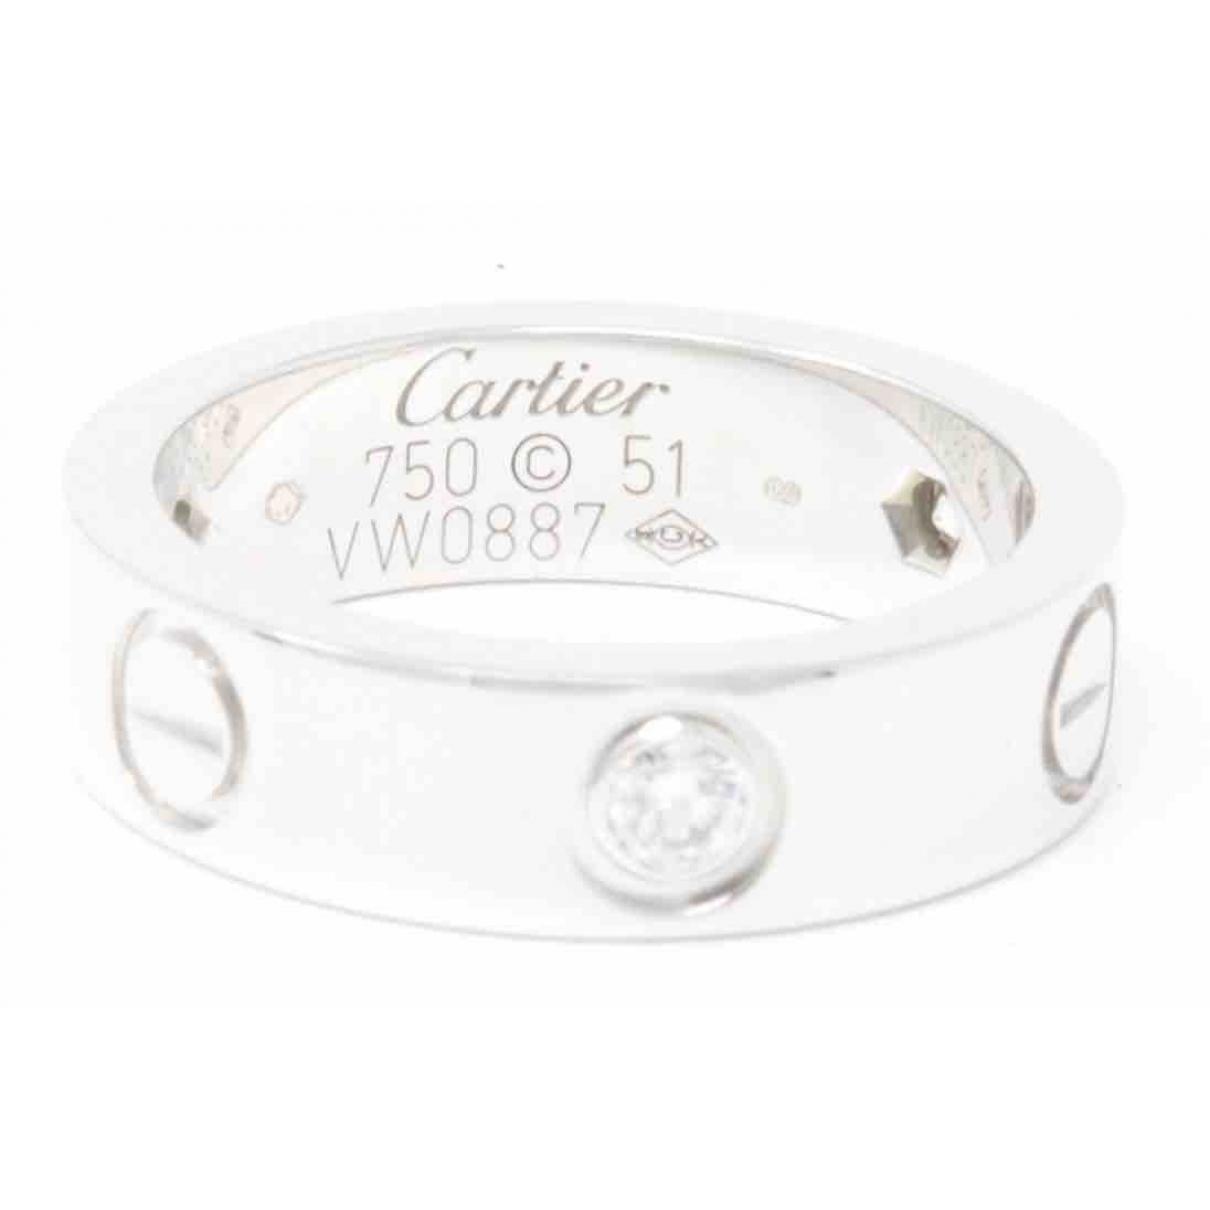 Cartier - Bague Love pour femme en or blanc - argente